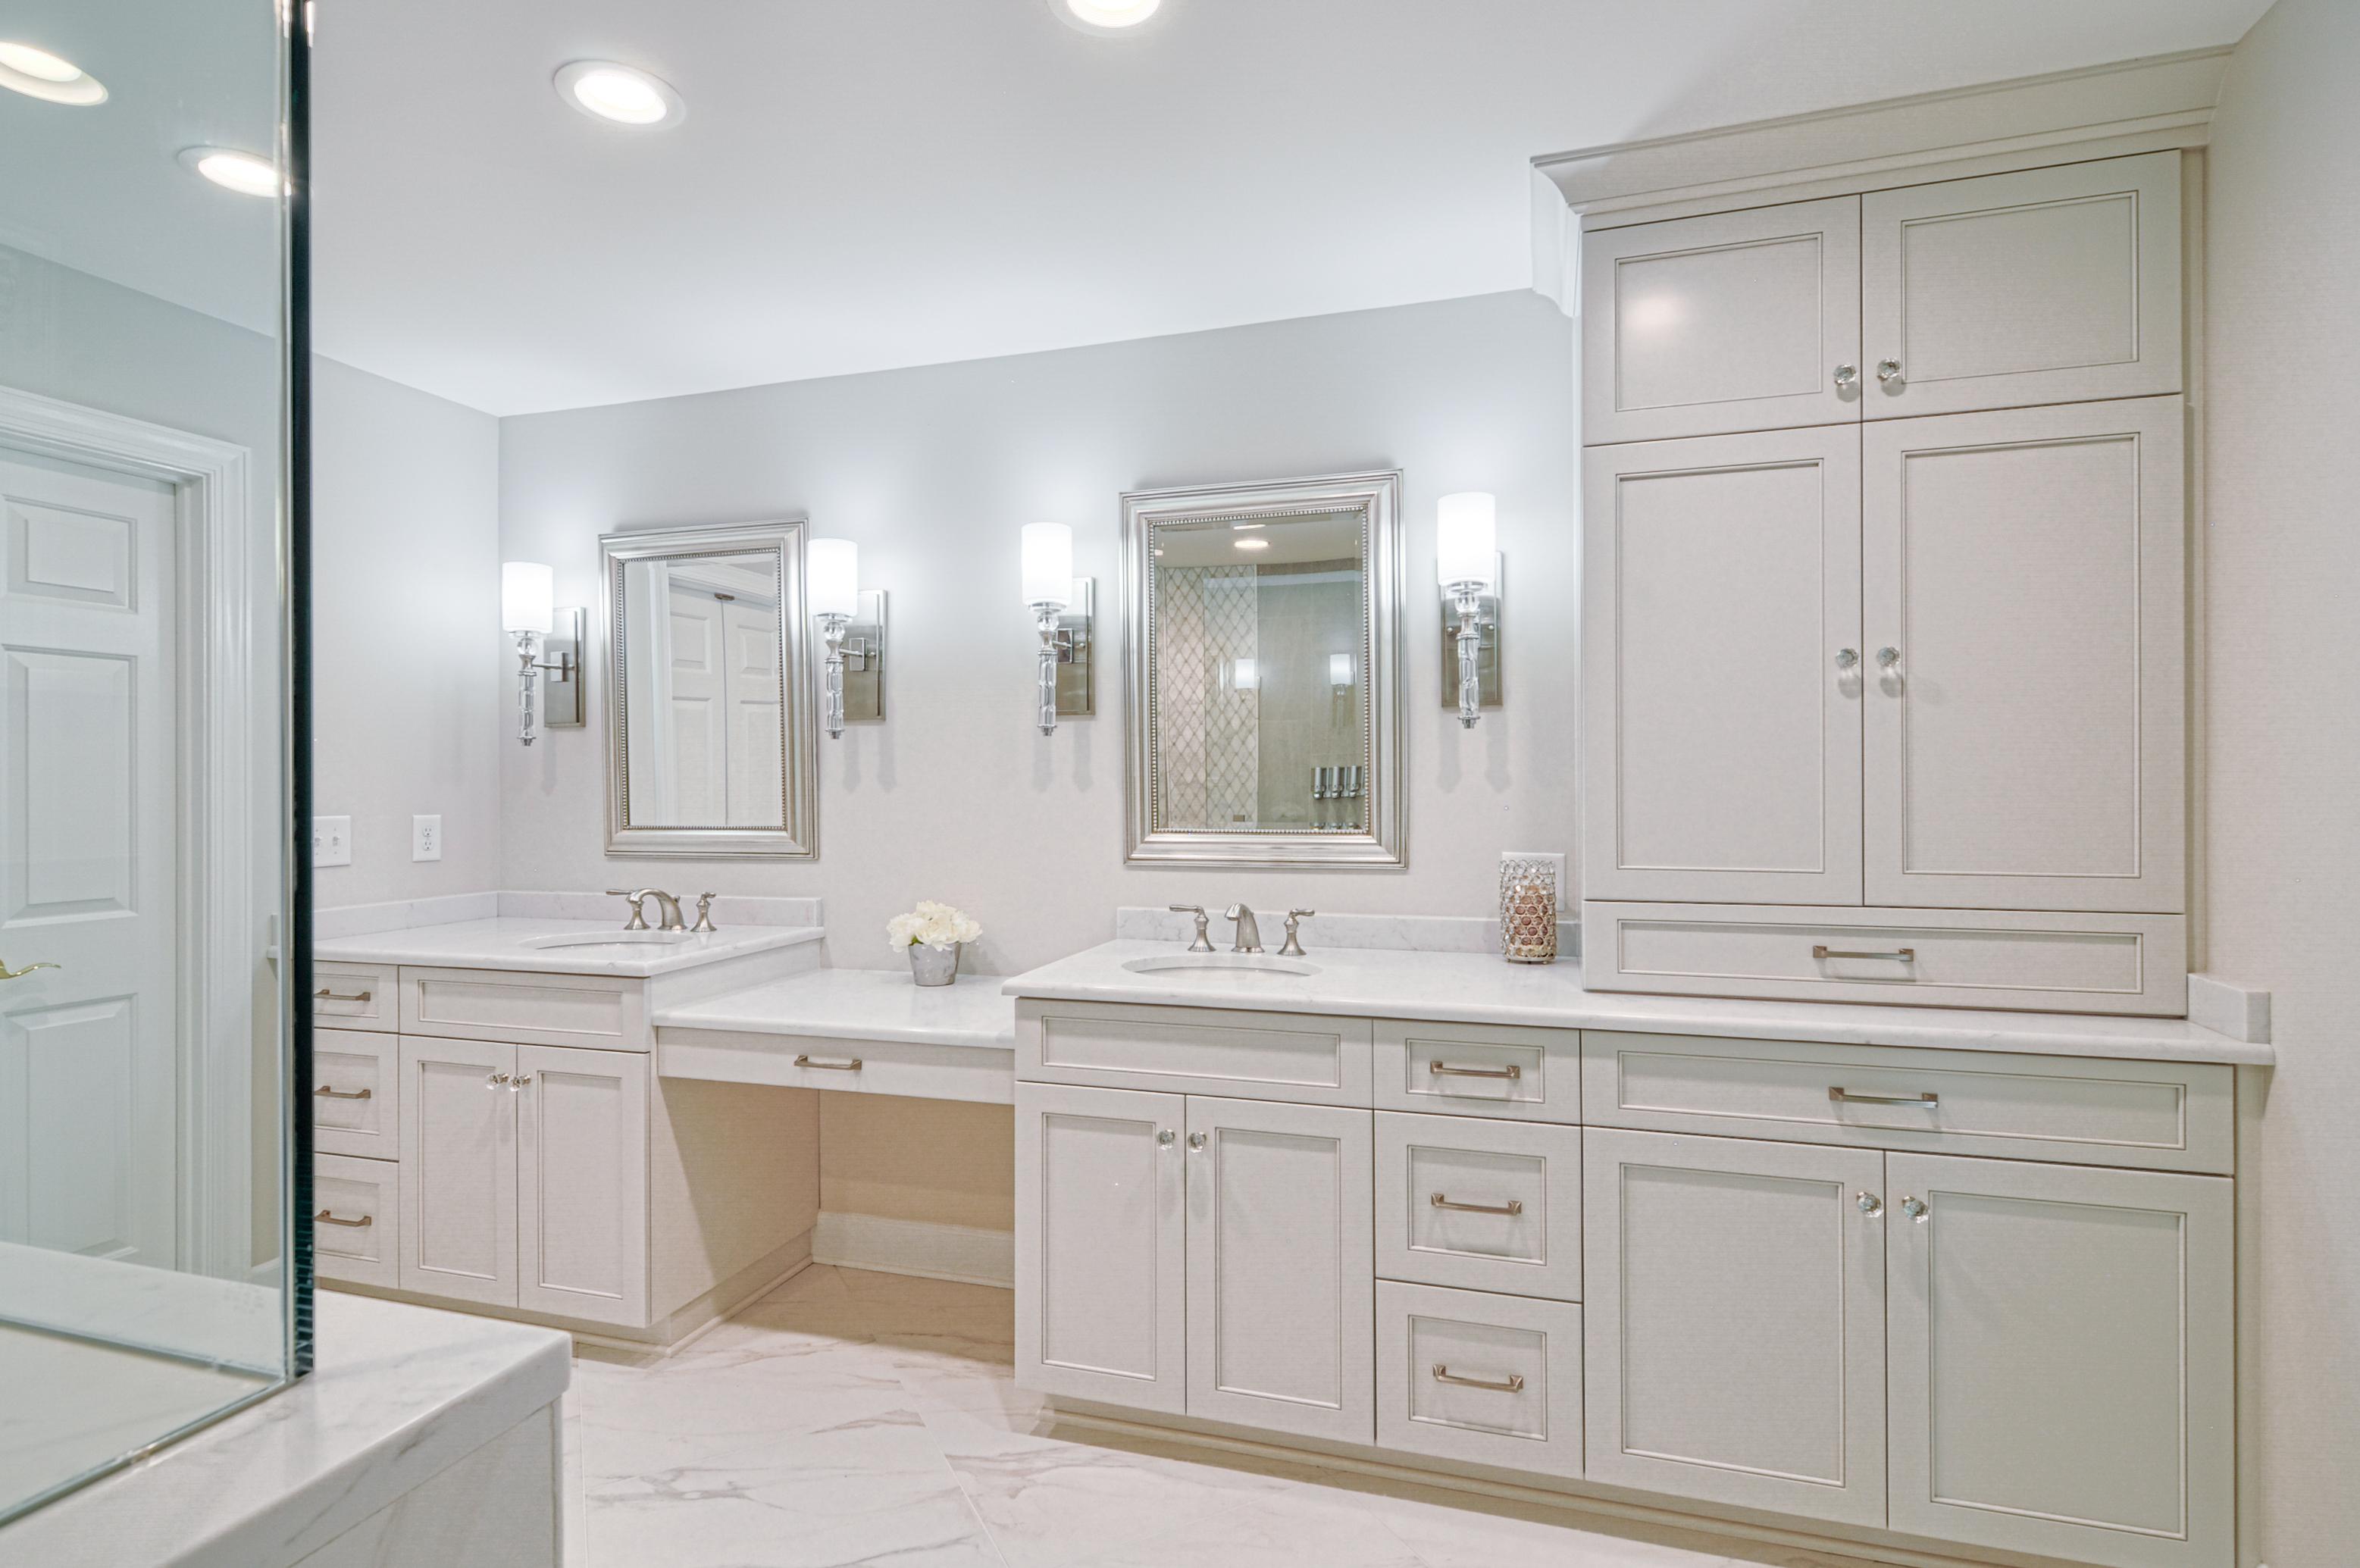 Ward_Master Bathroom (6)